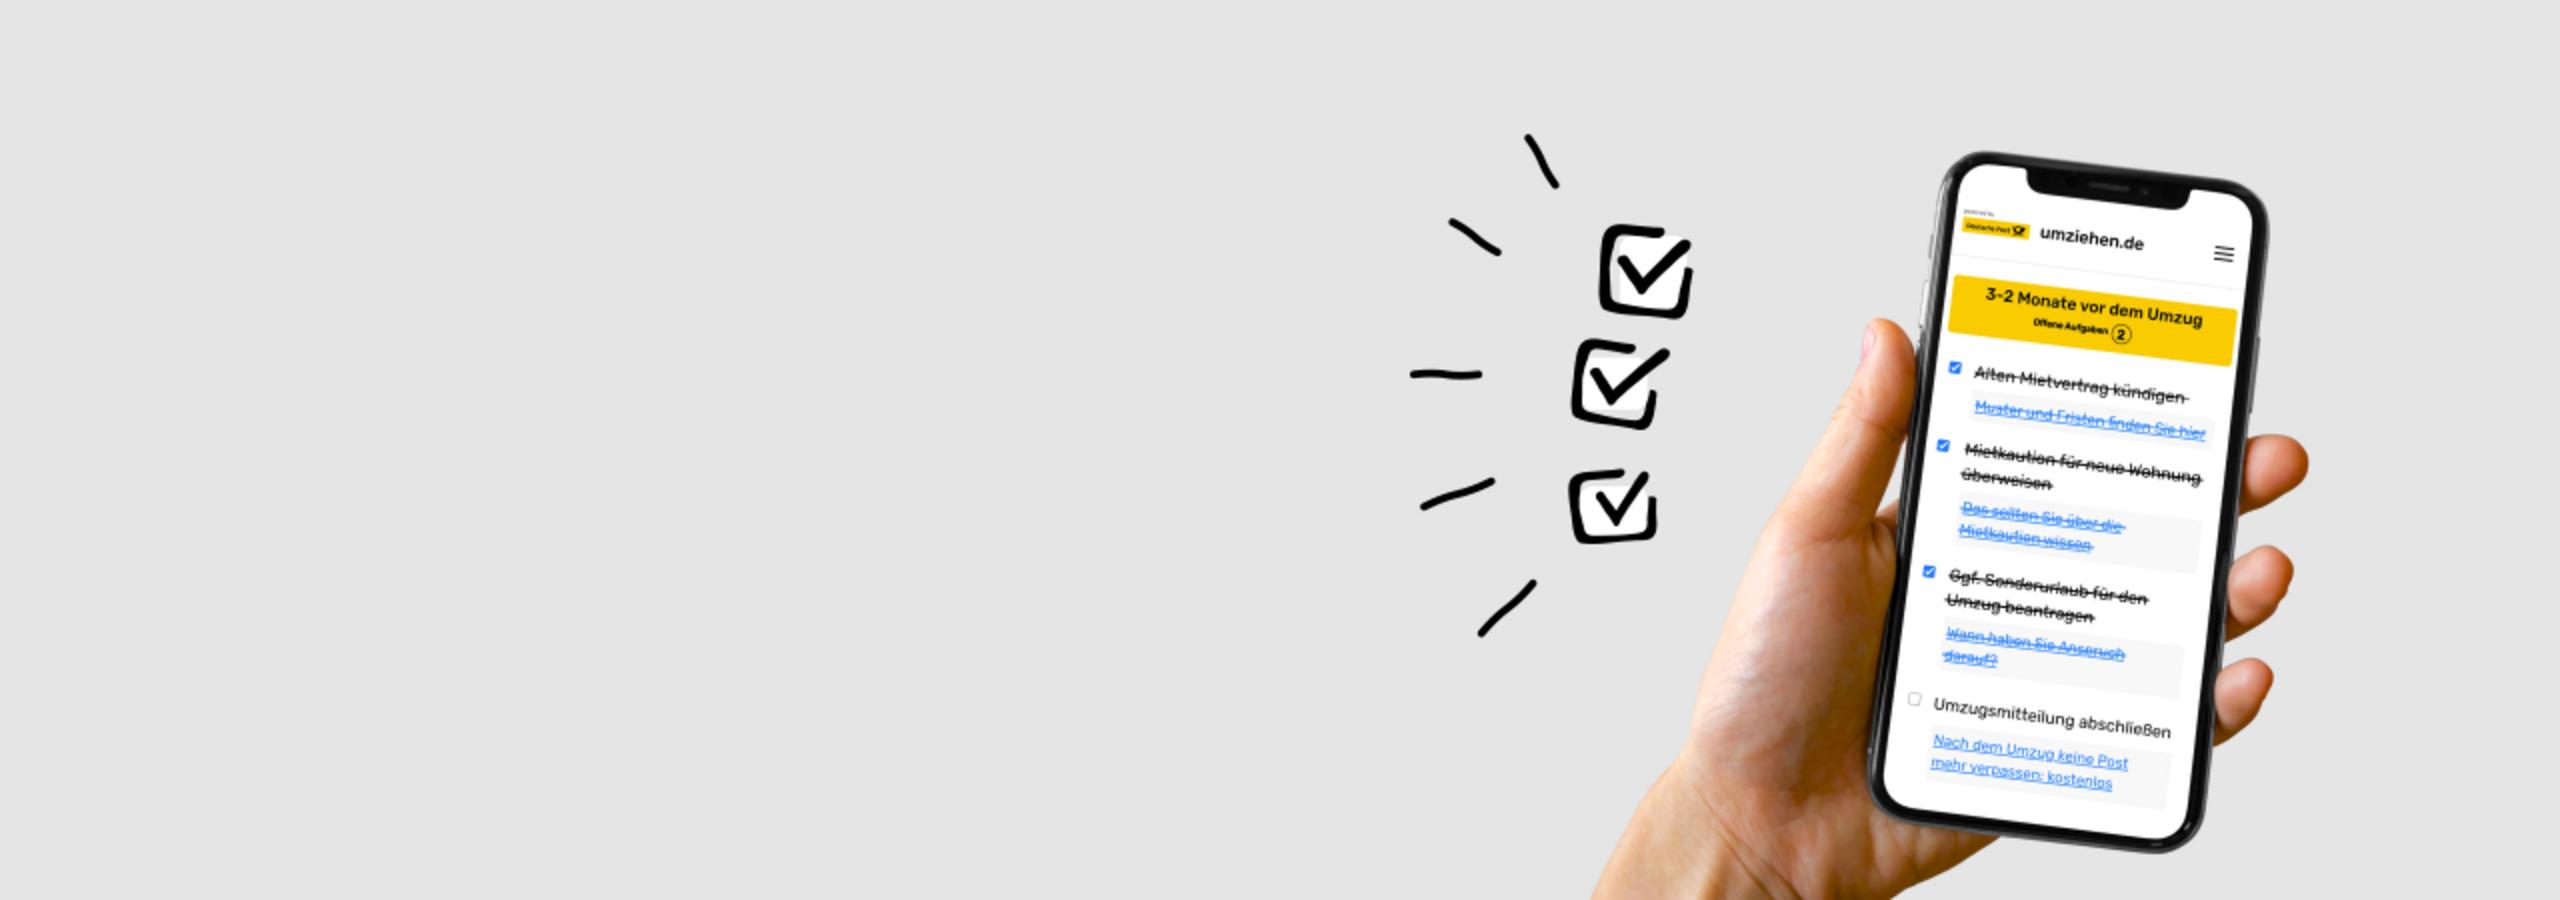 Checkliste auf Smartphone-Display